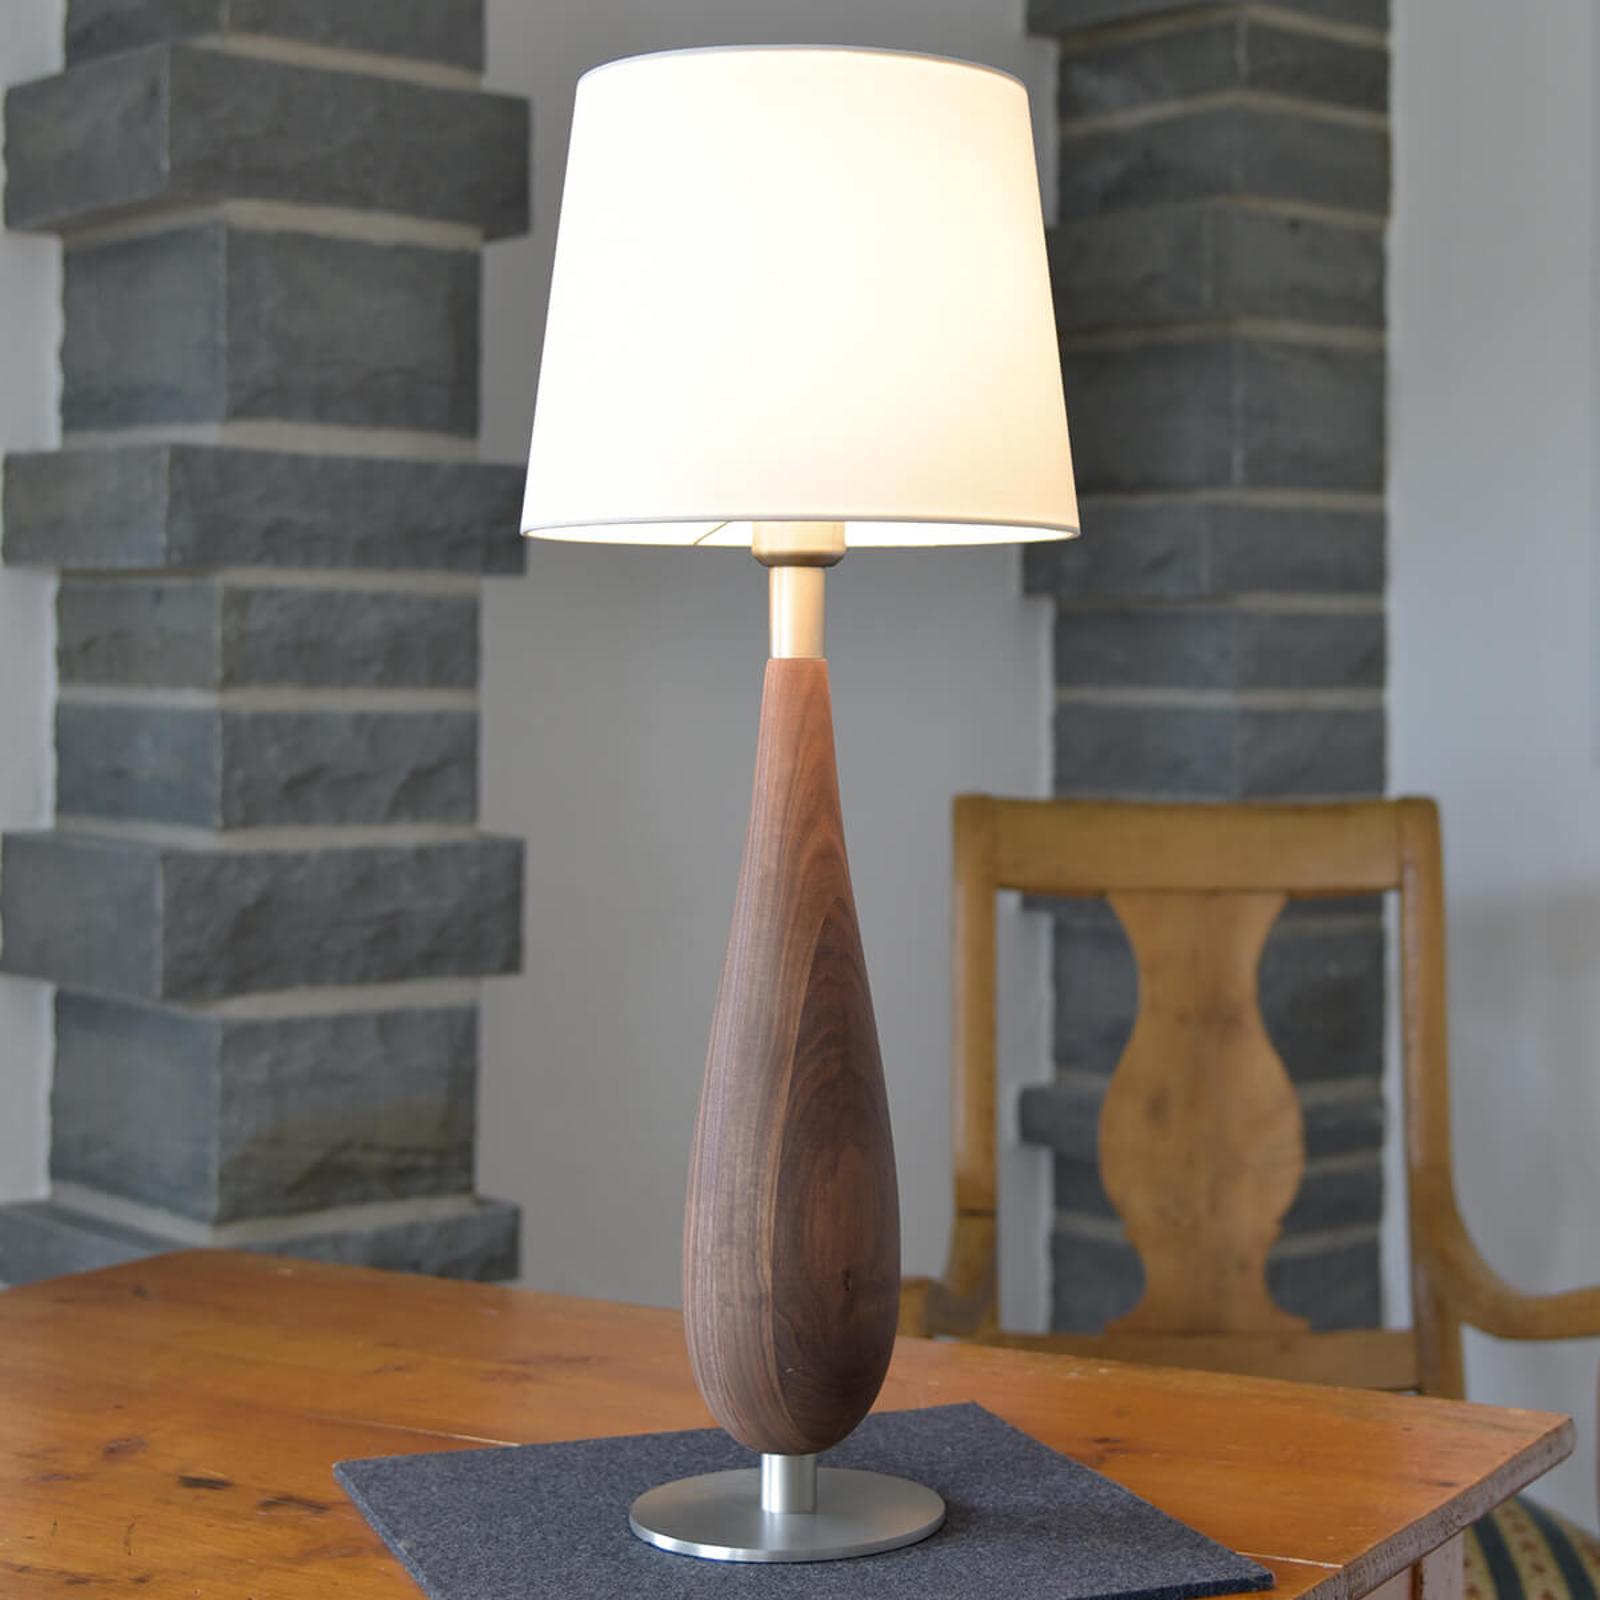 Tafellamp Lara met houten voet & stoffen kap, 61cm